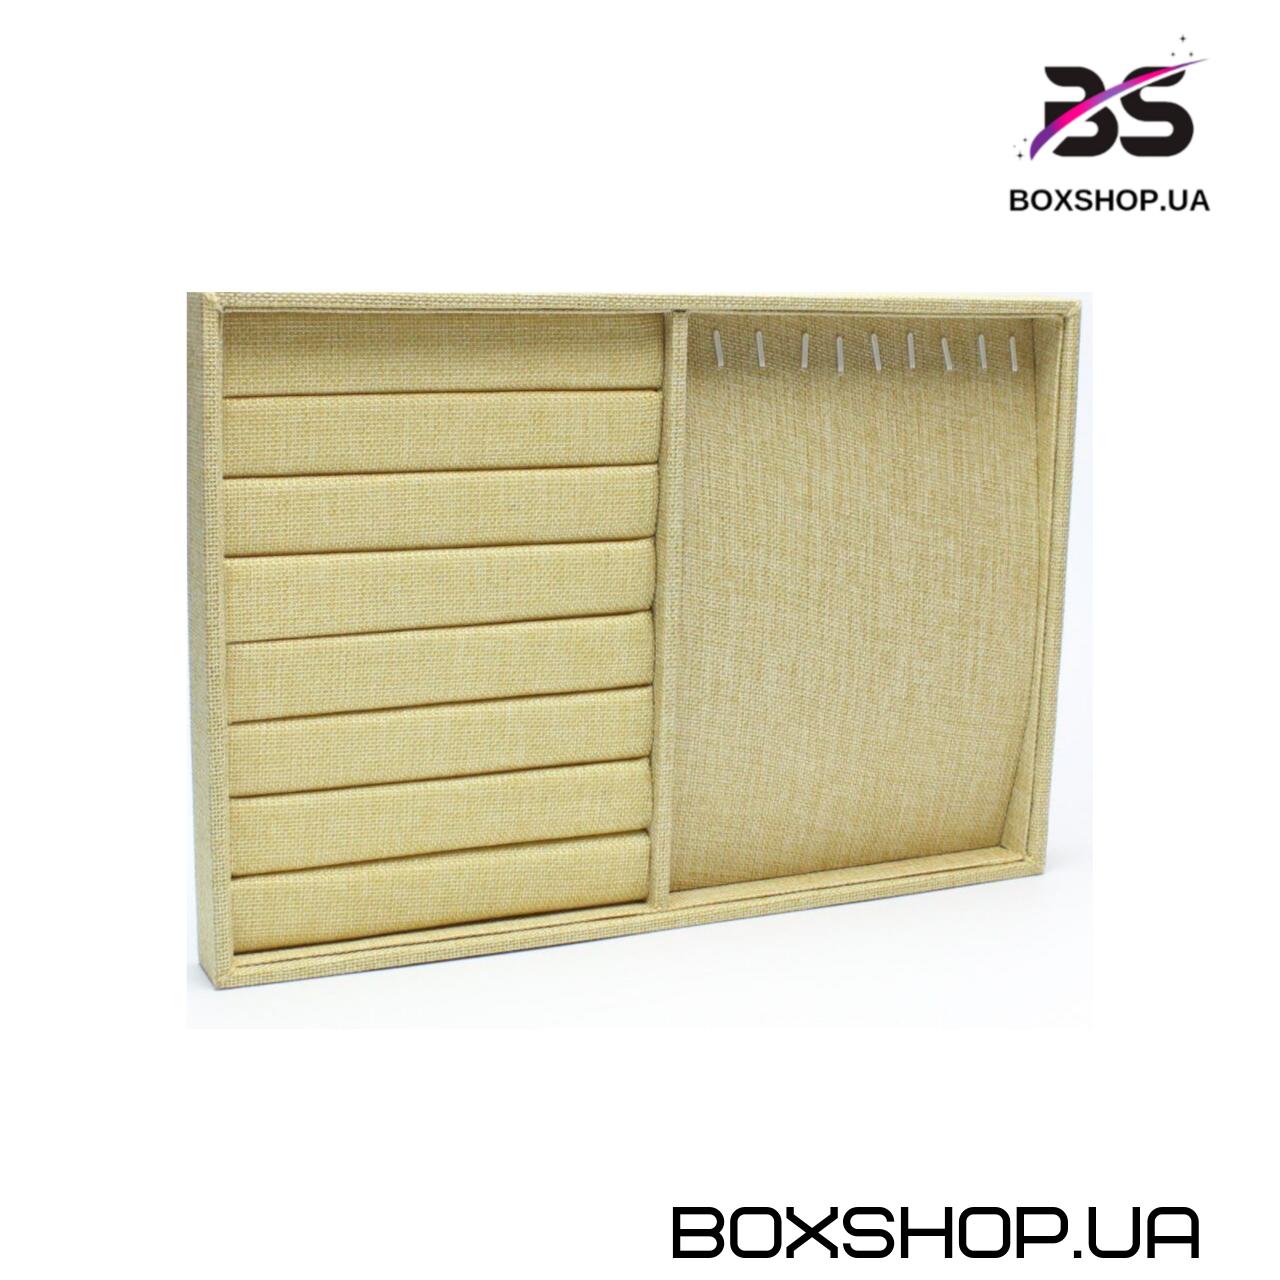 Ювелирный планшет BOXSHOP - 1022186406